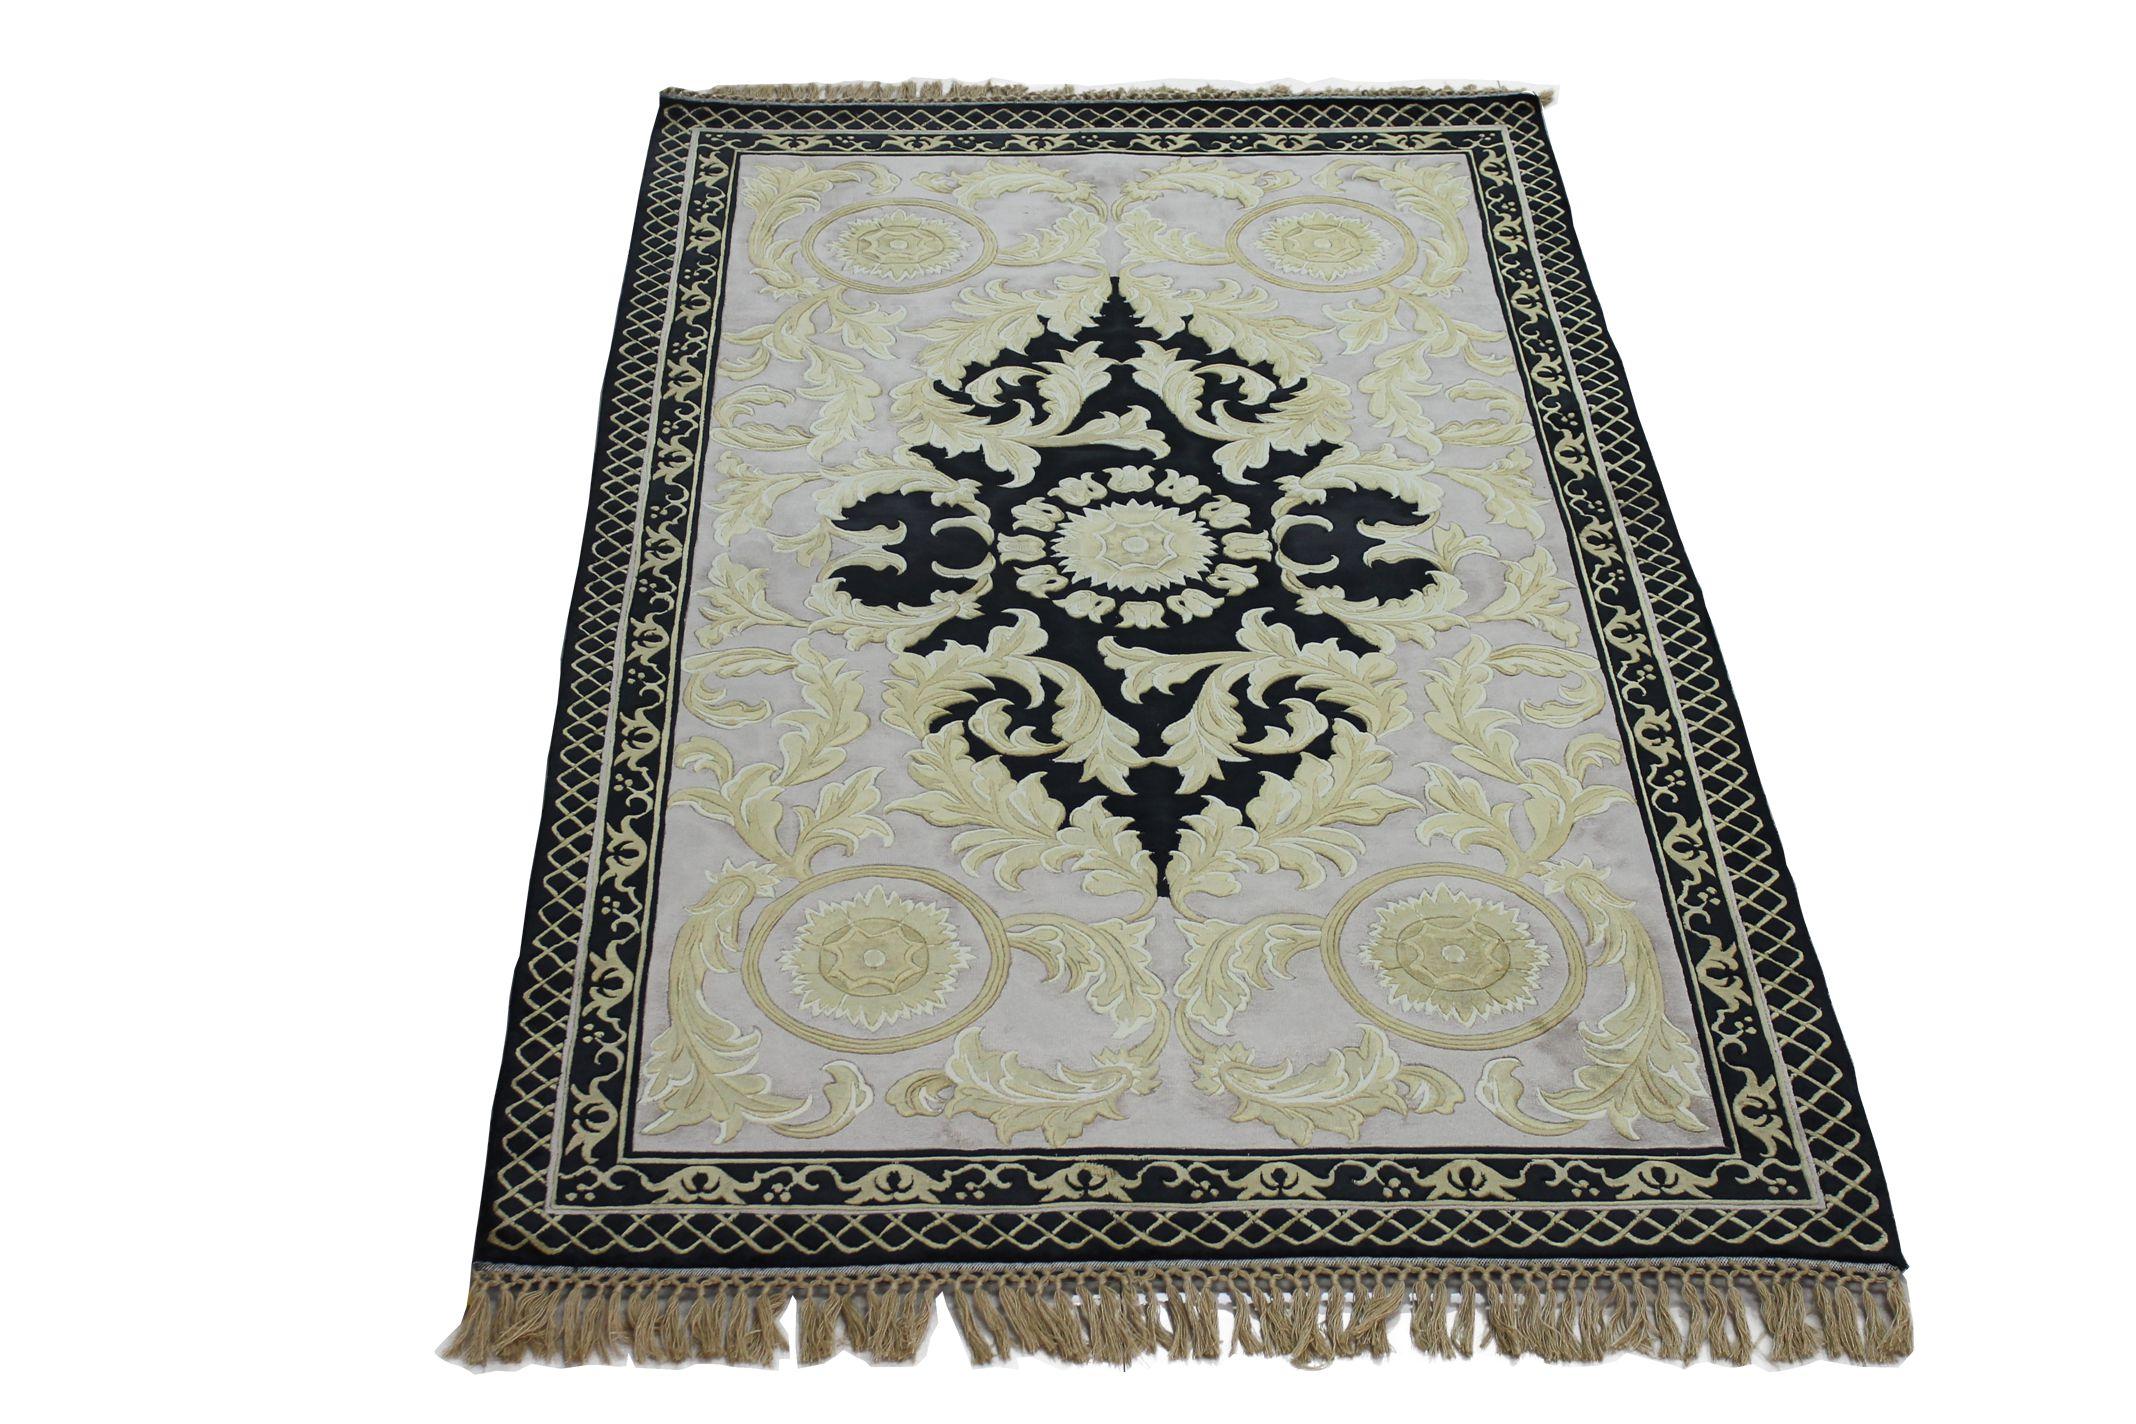 120道丝毯 手工地毯 真丝地毯 手工编织 家装地毯